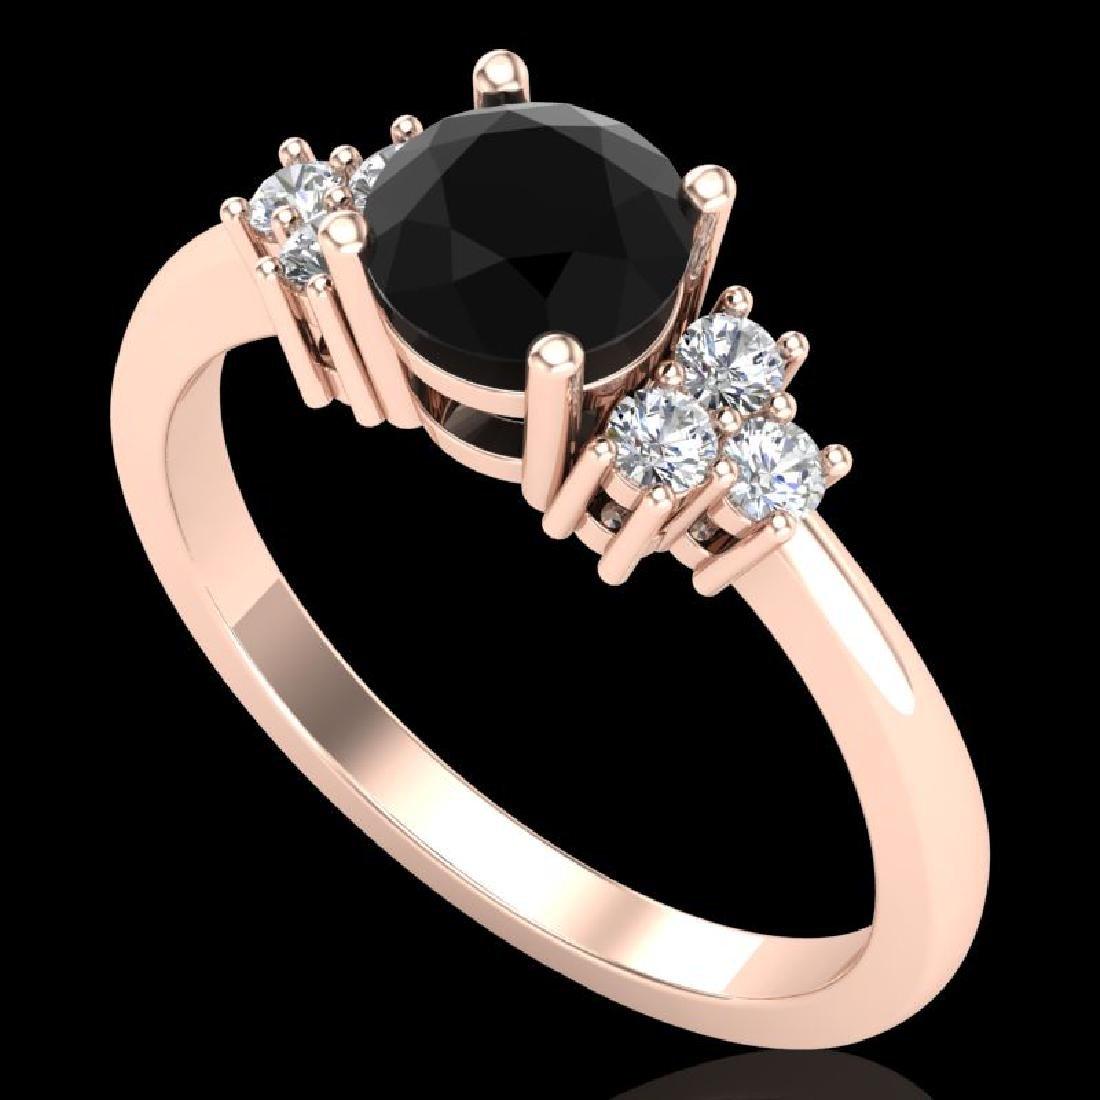 1 CTW Fancy Black Diamond Solitaire Engagement Classic